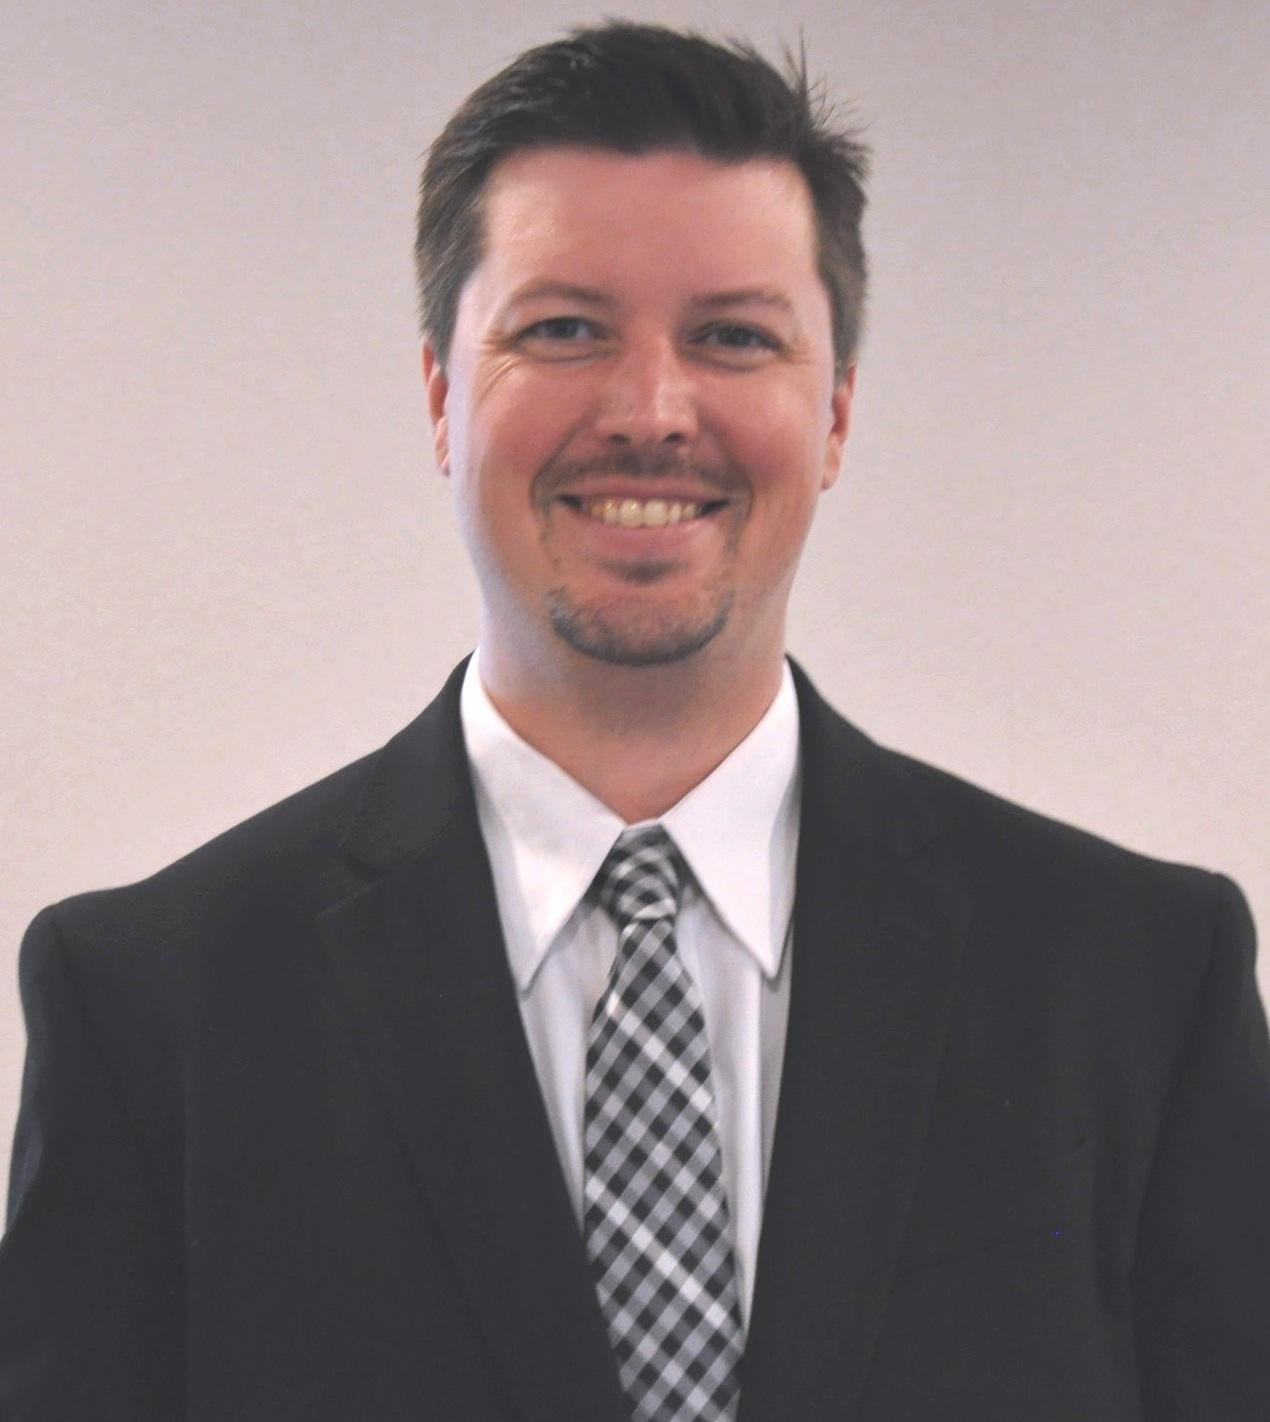 Reverend Chris Lorentz